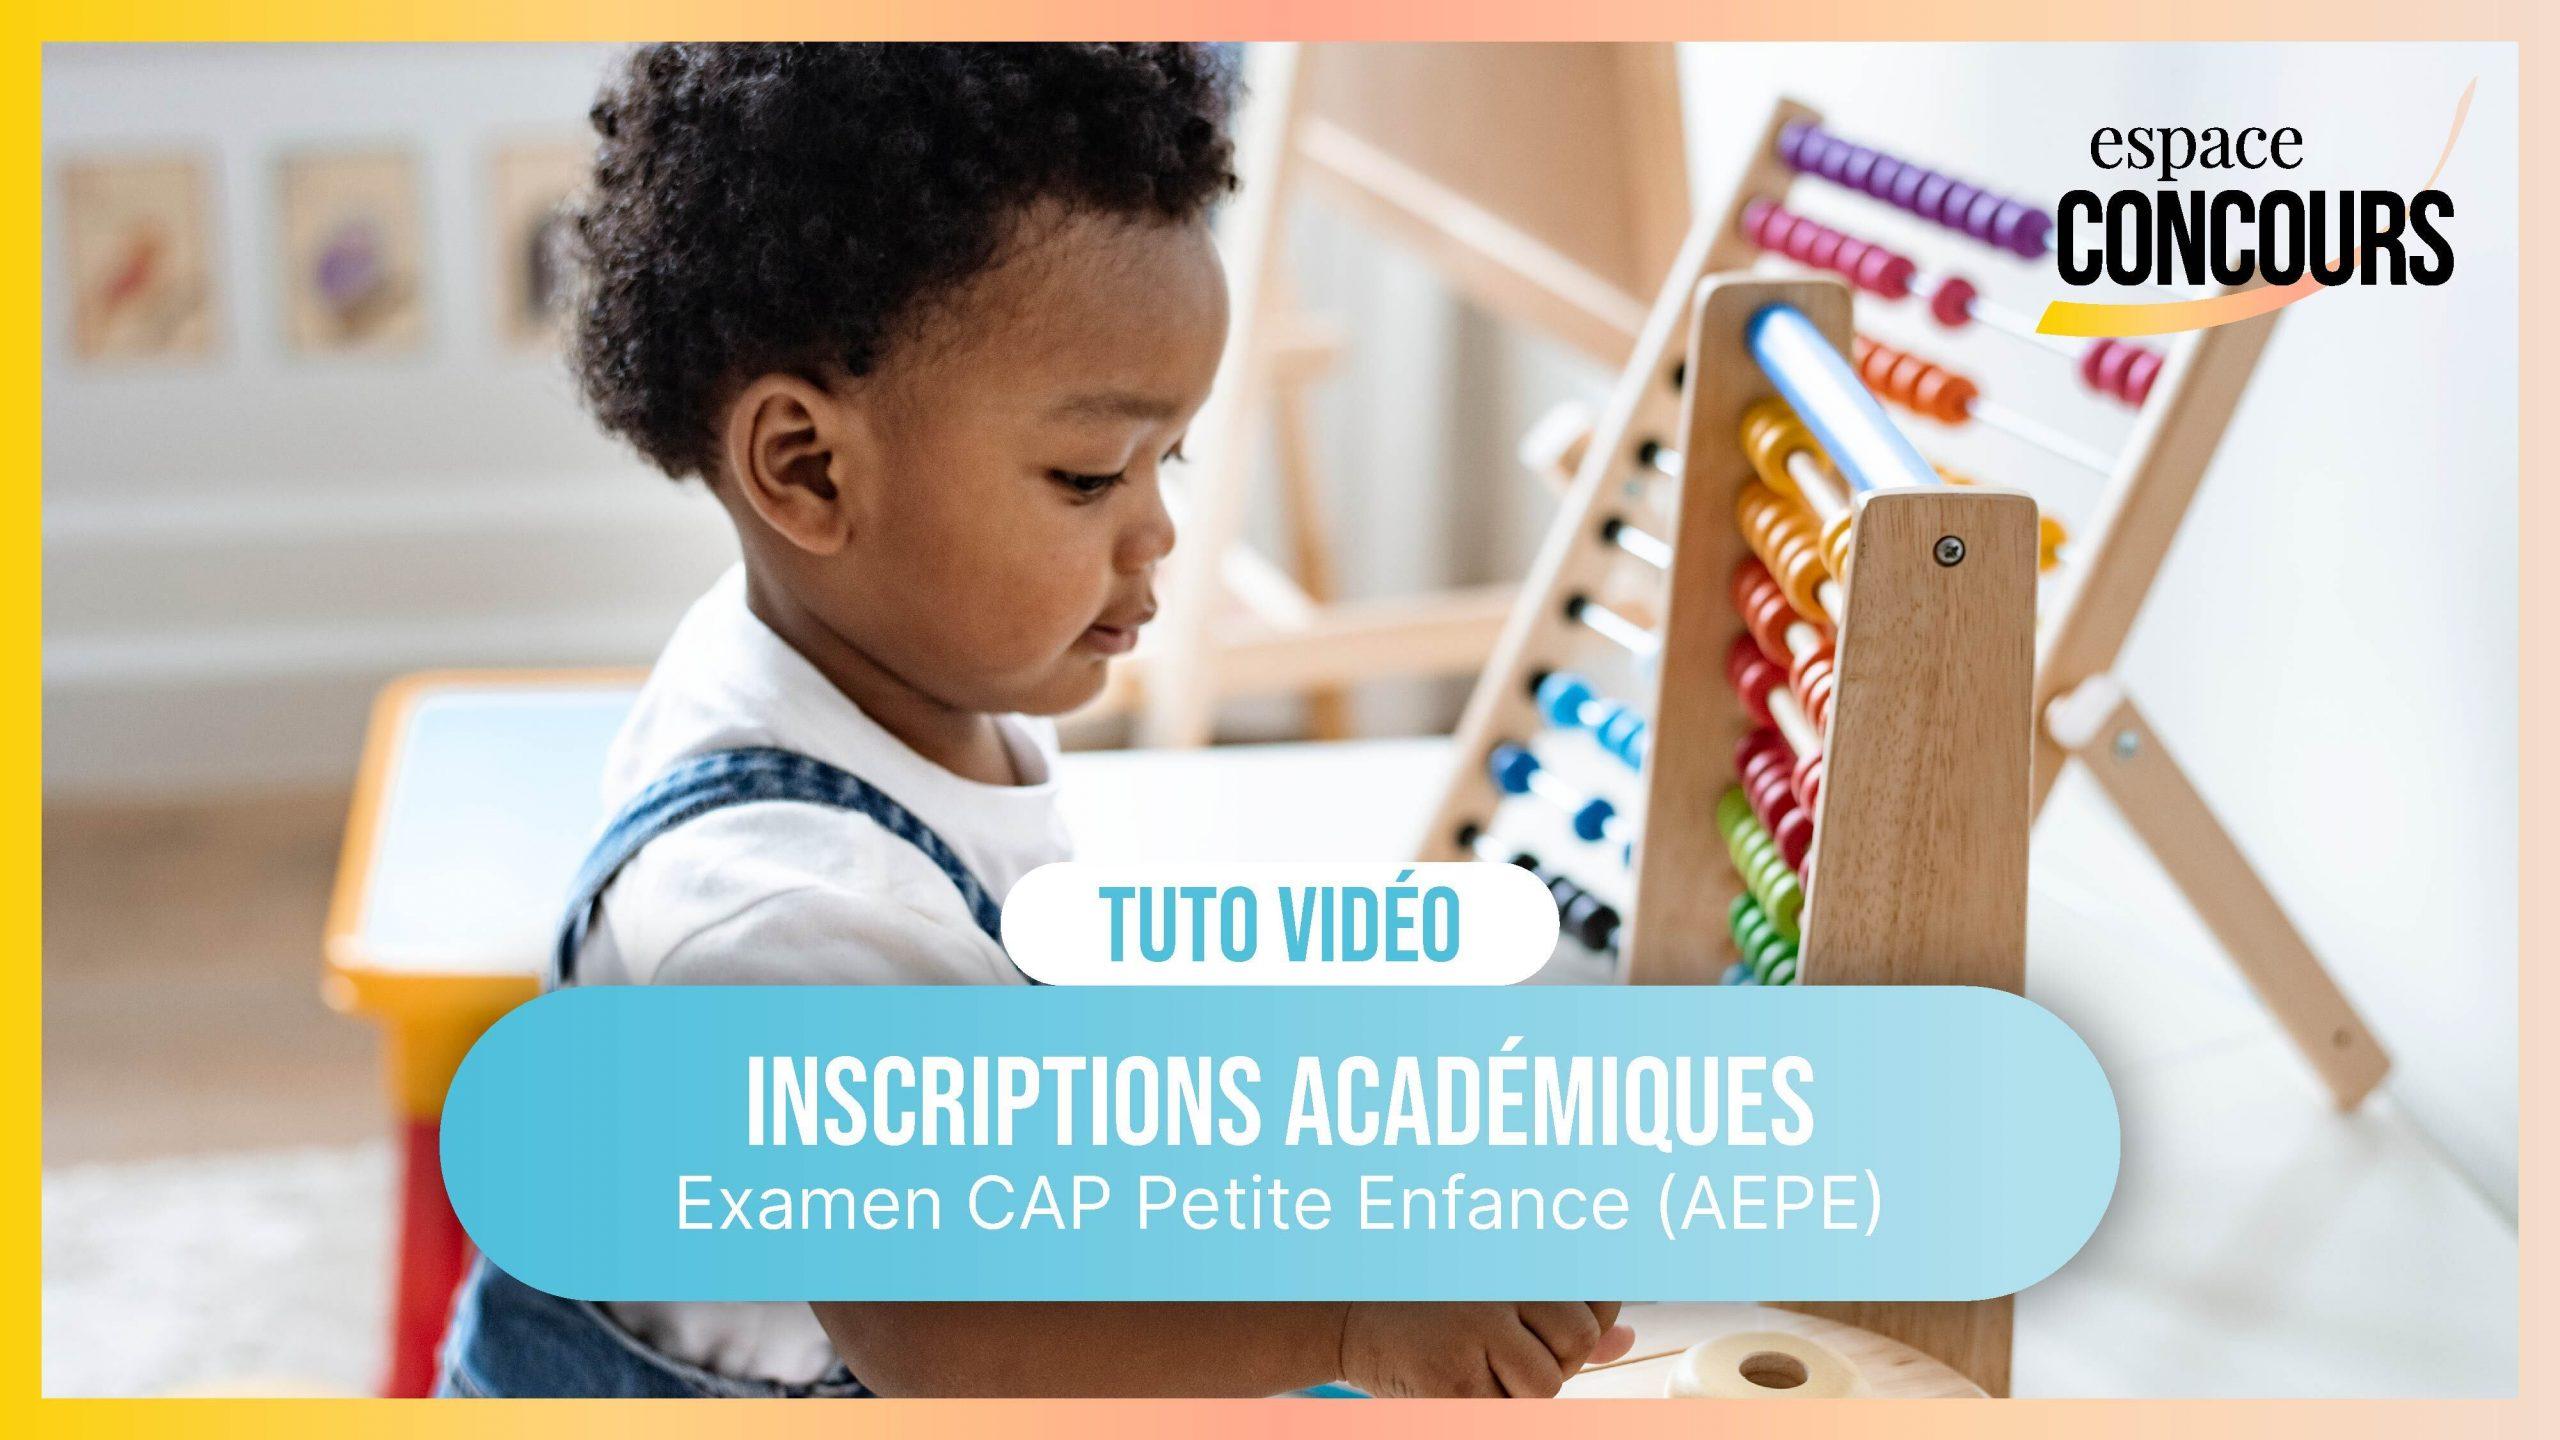 Vidéo Tuto – Les inscriptions Académiques CAP Petite Enfance (AEPE)